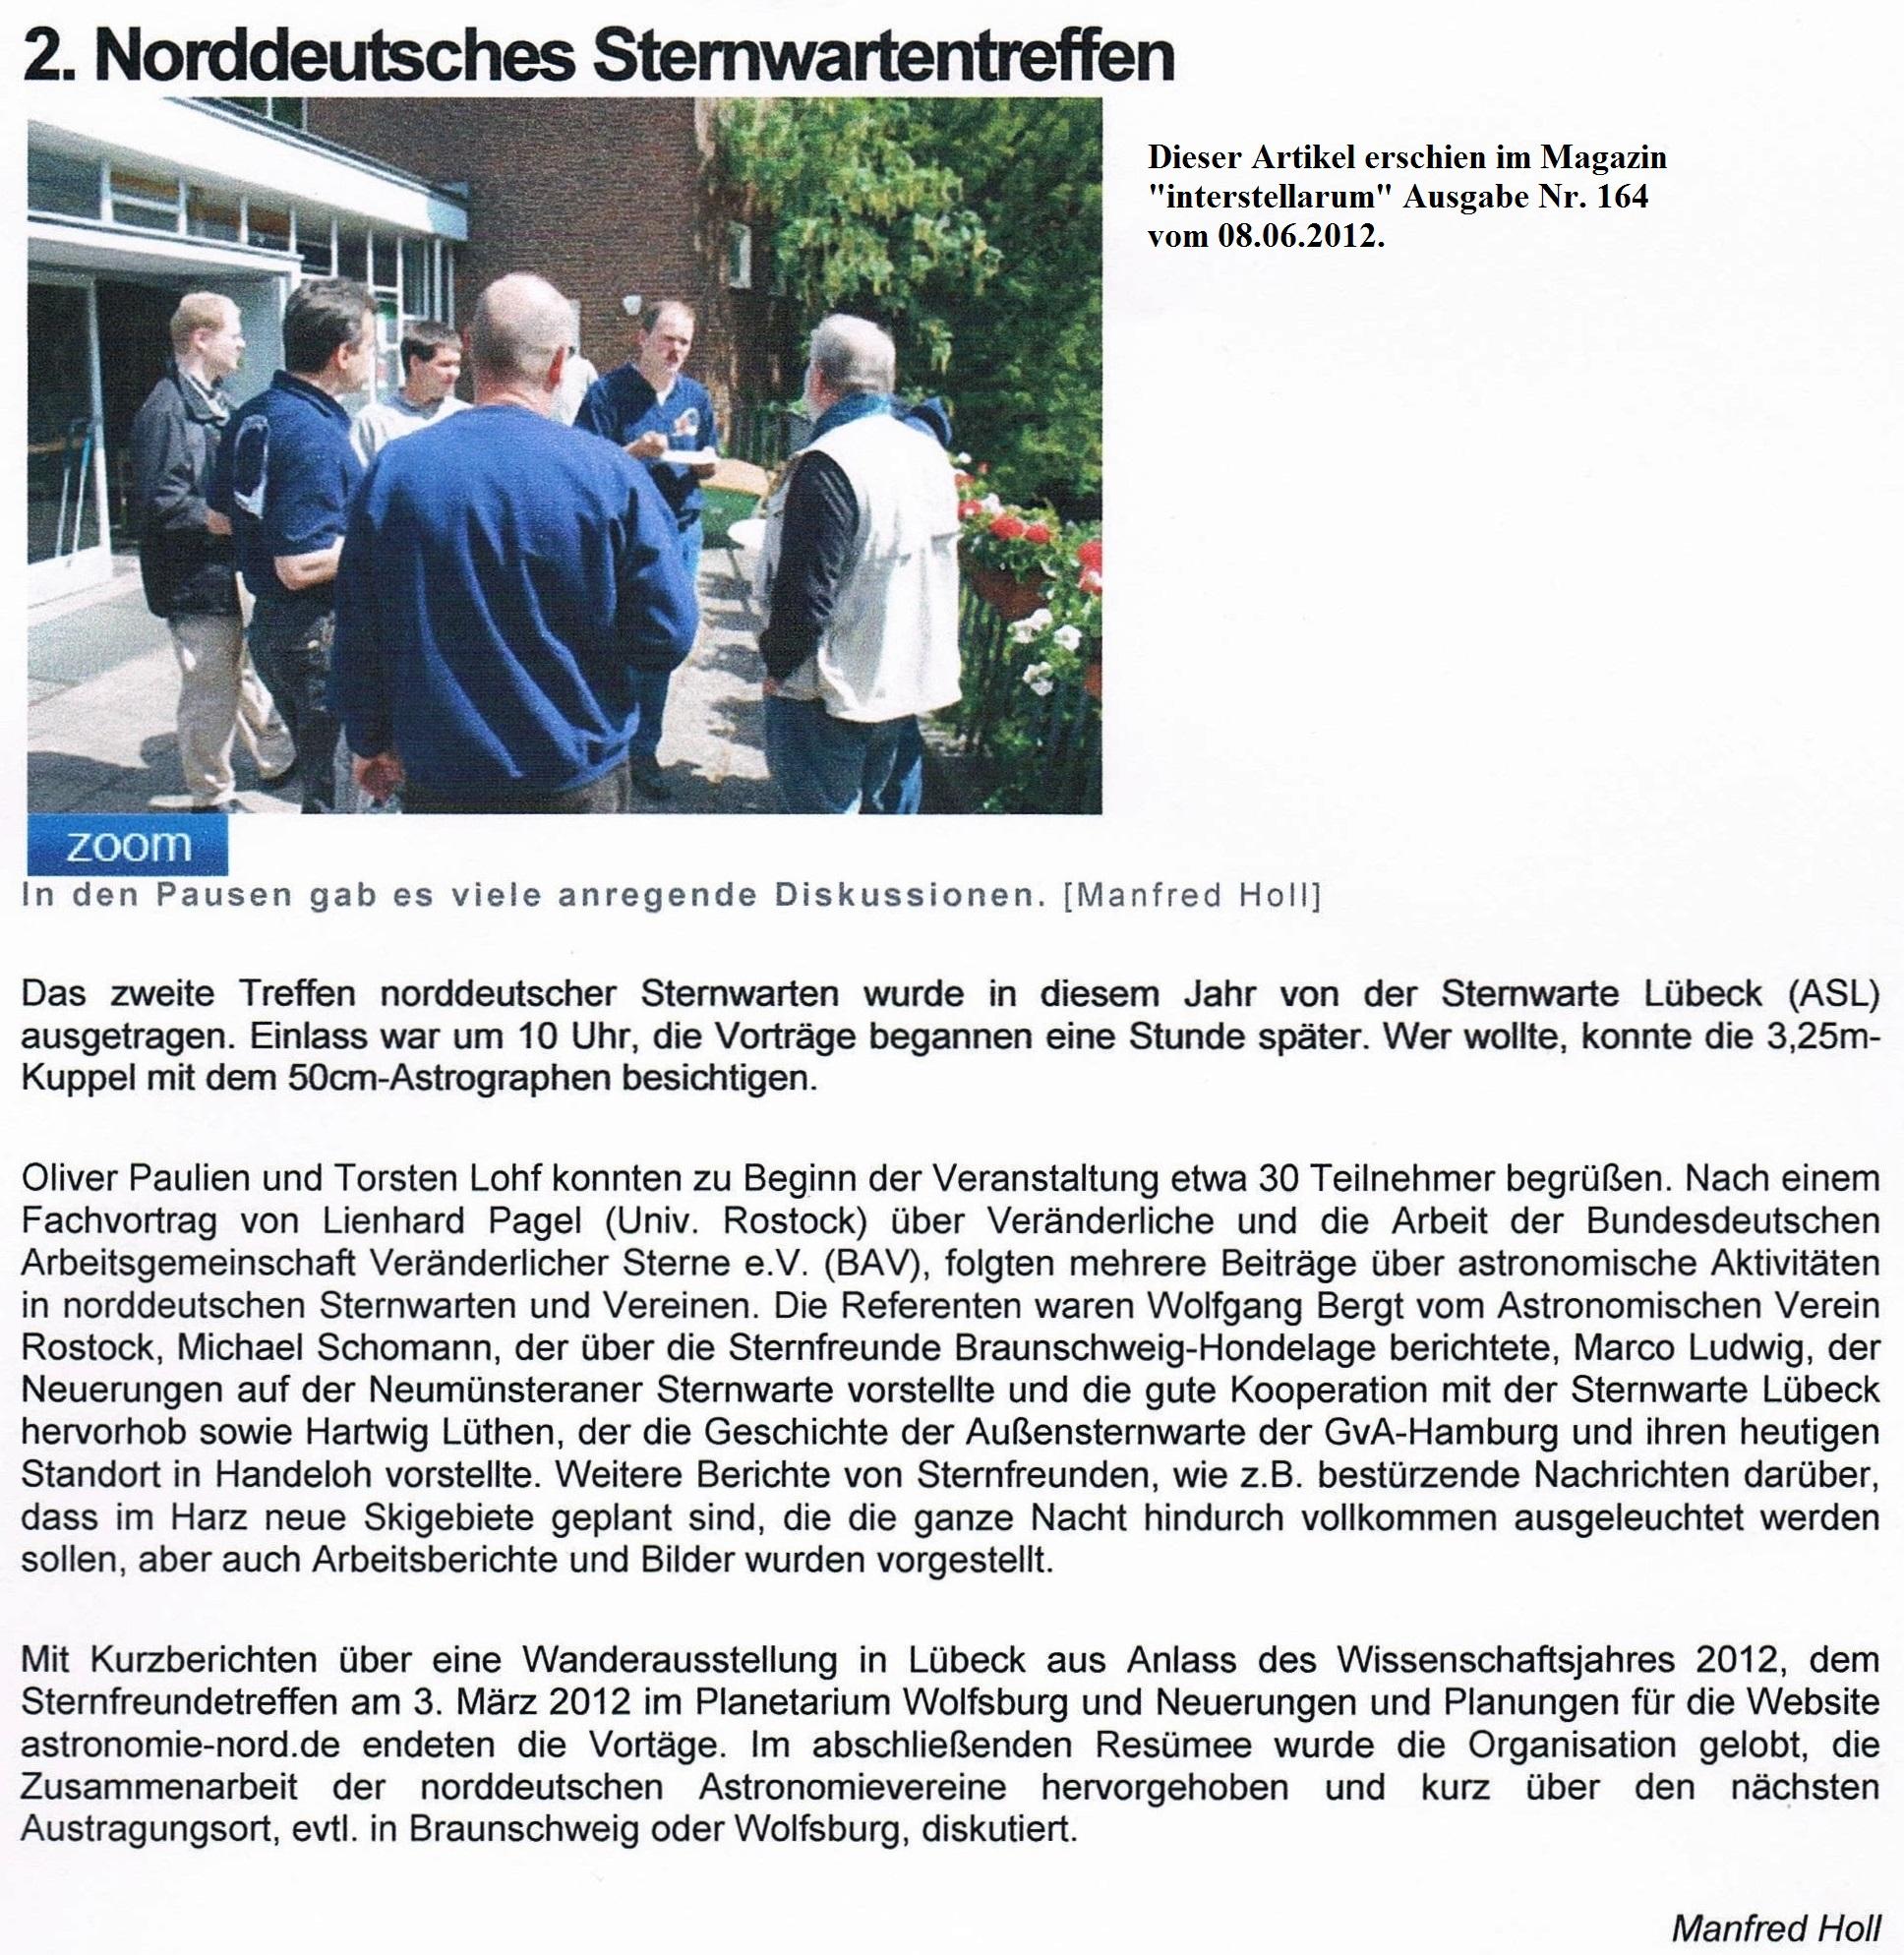 Bericht im Magazin interstellarum von M.Holl